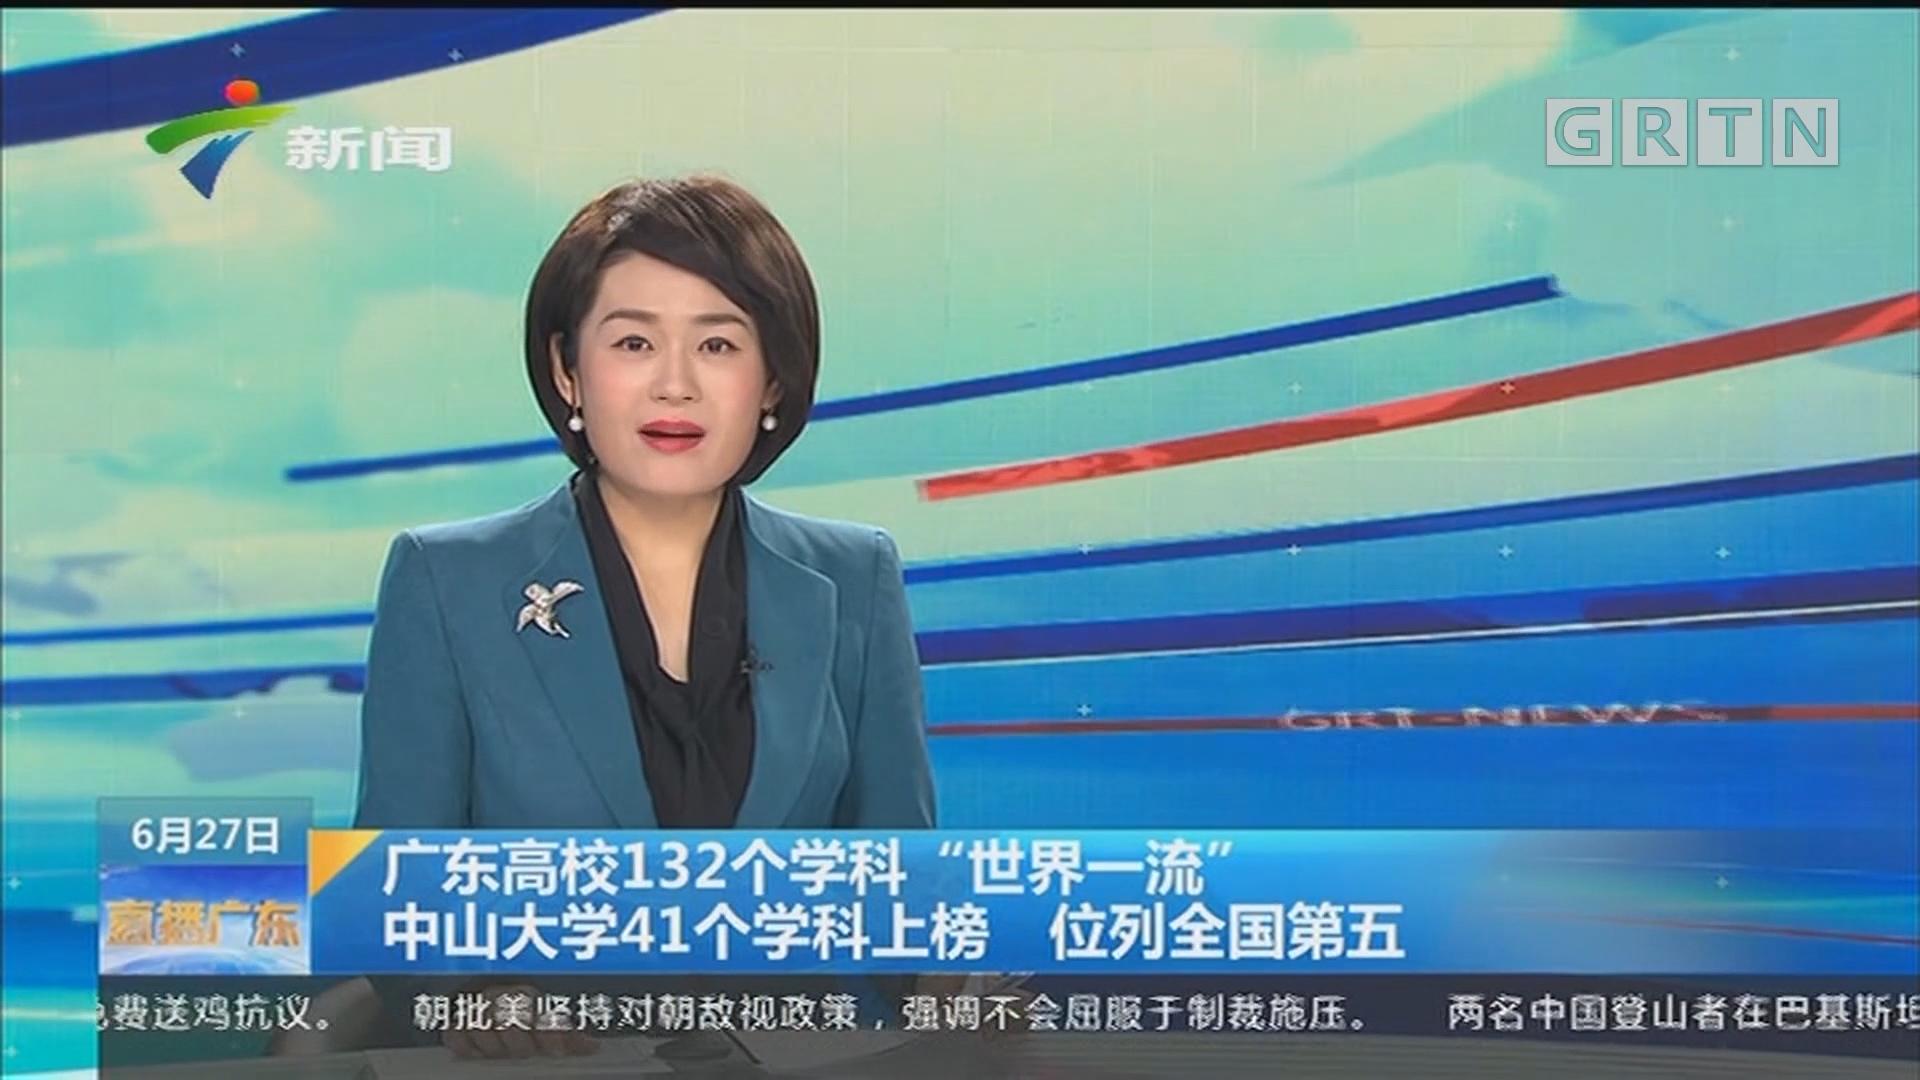 """广东高校132个学科""""世界一流"""" 中山大学41个学科上榜 位列全国第五"""